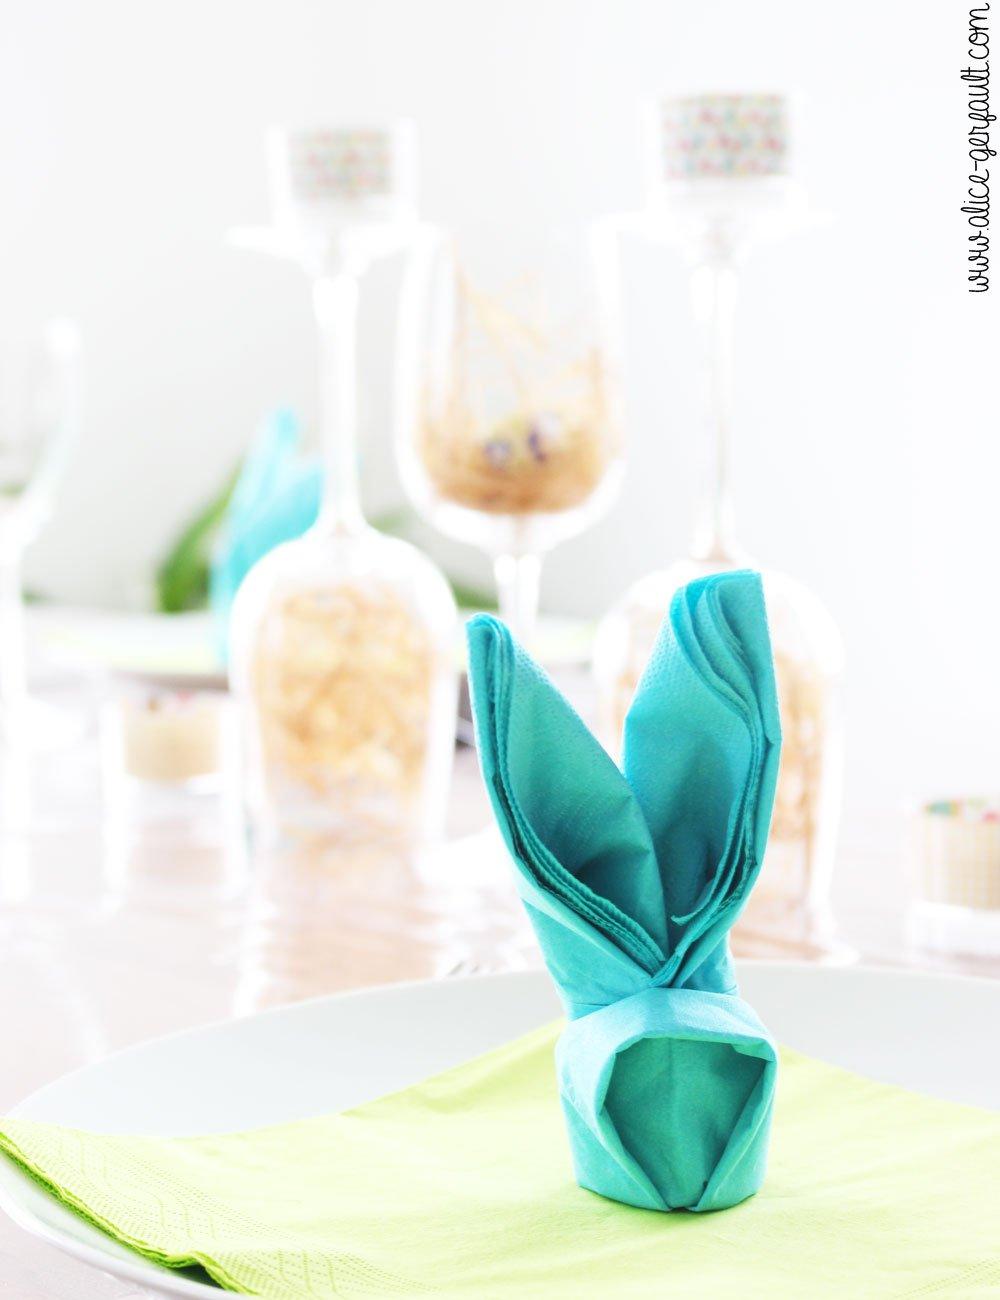 Déco de table et gourmandises de Pâques, DIY par Alice Gerfault